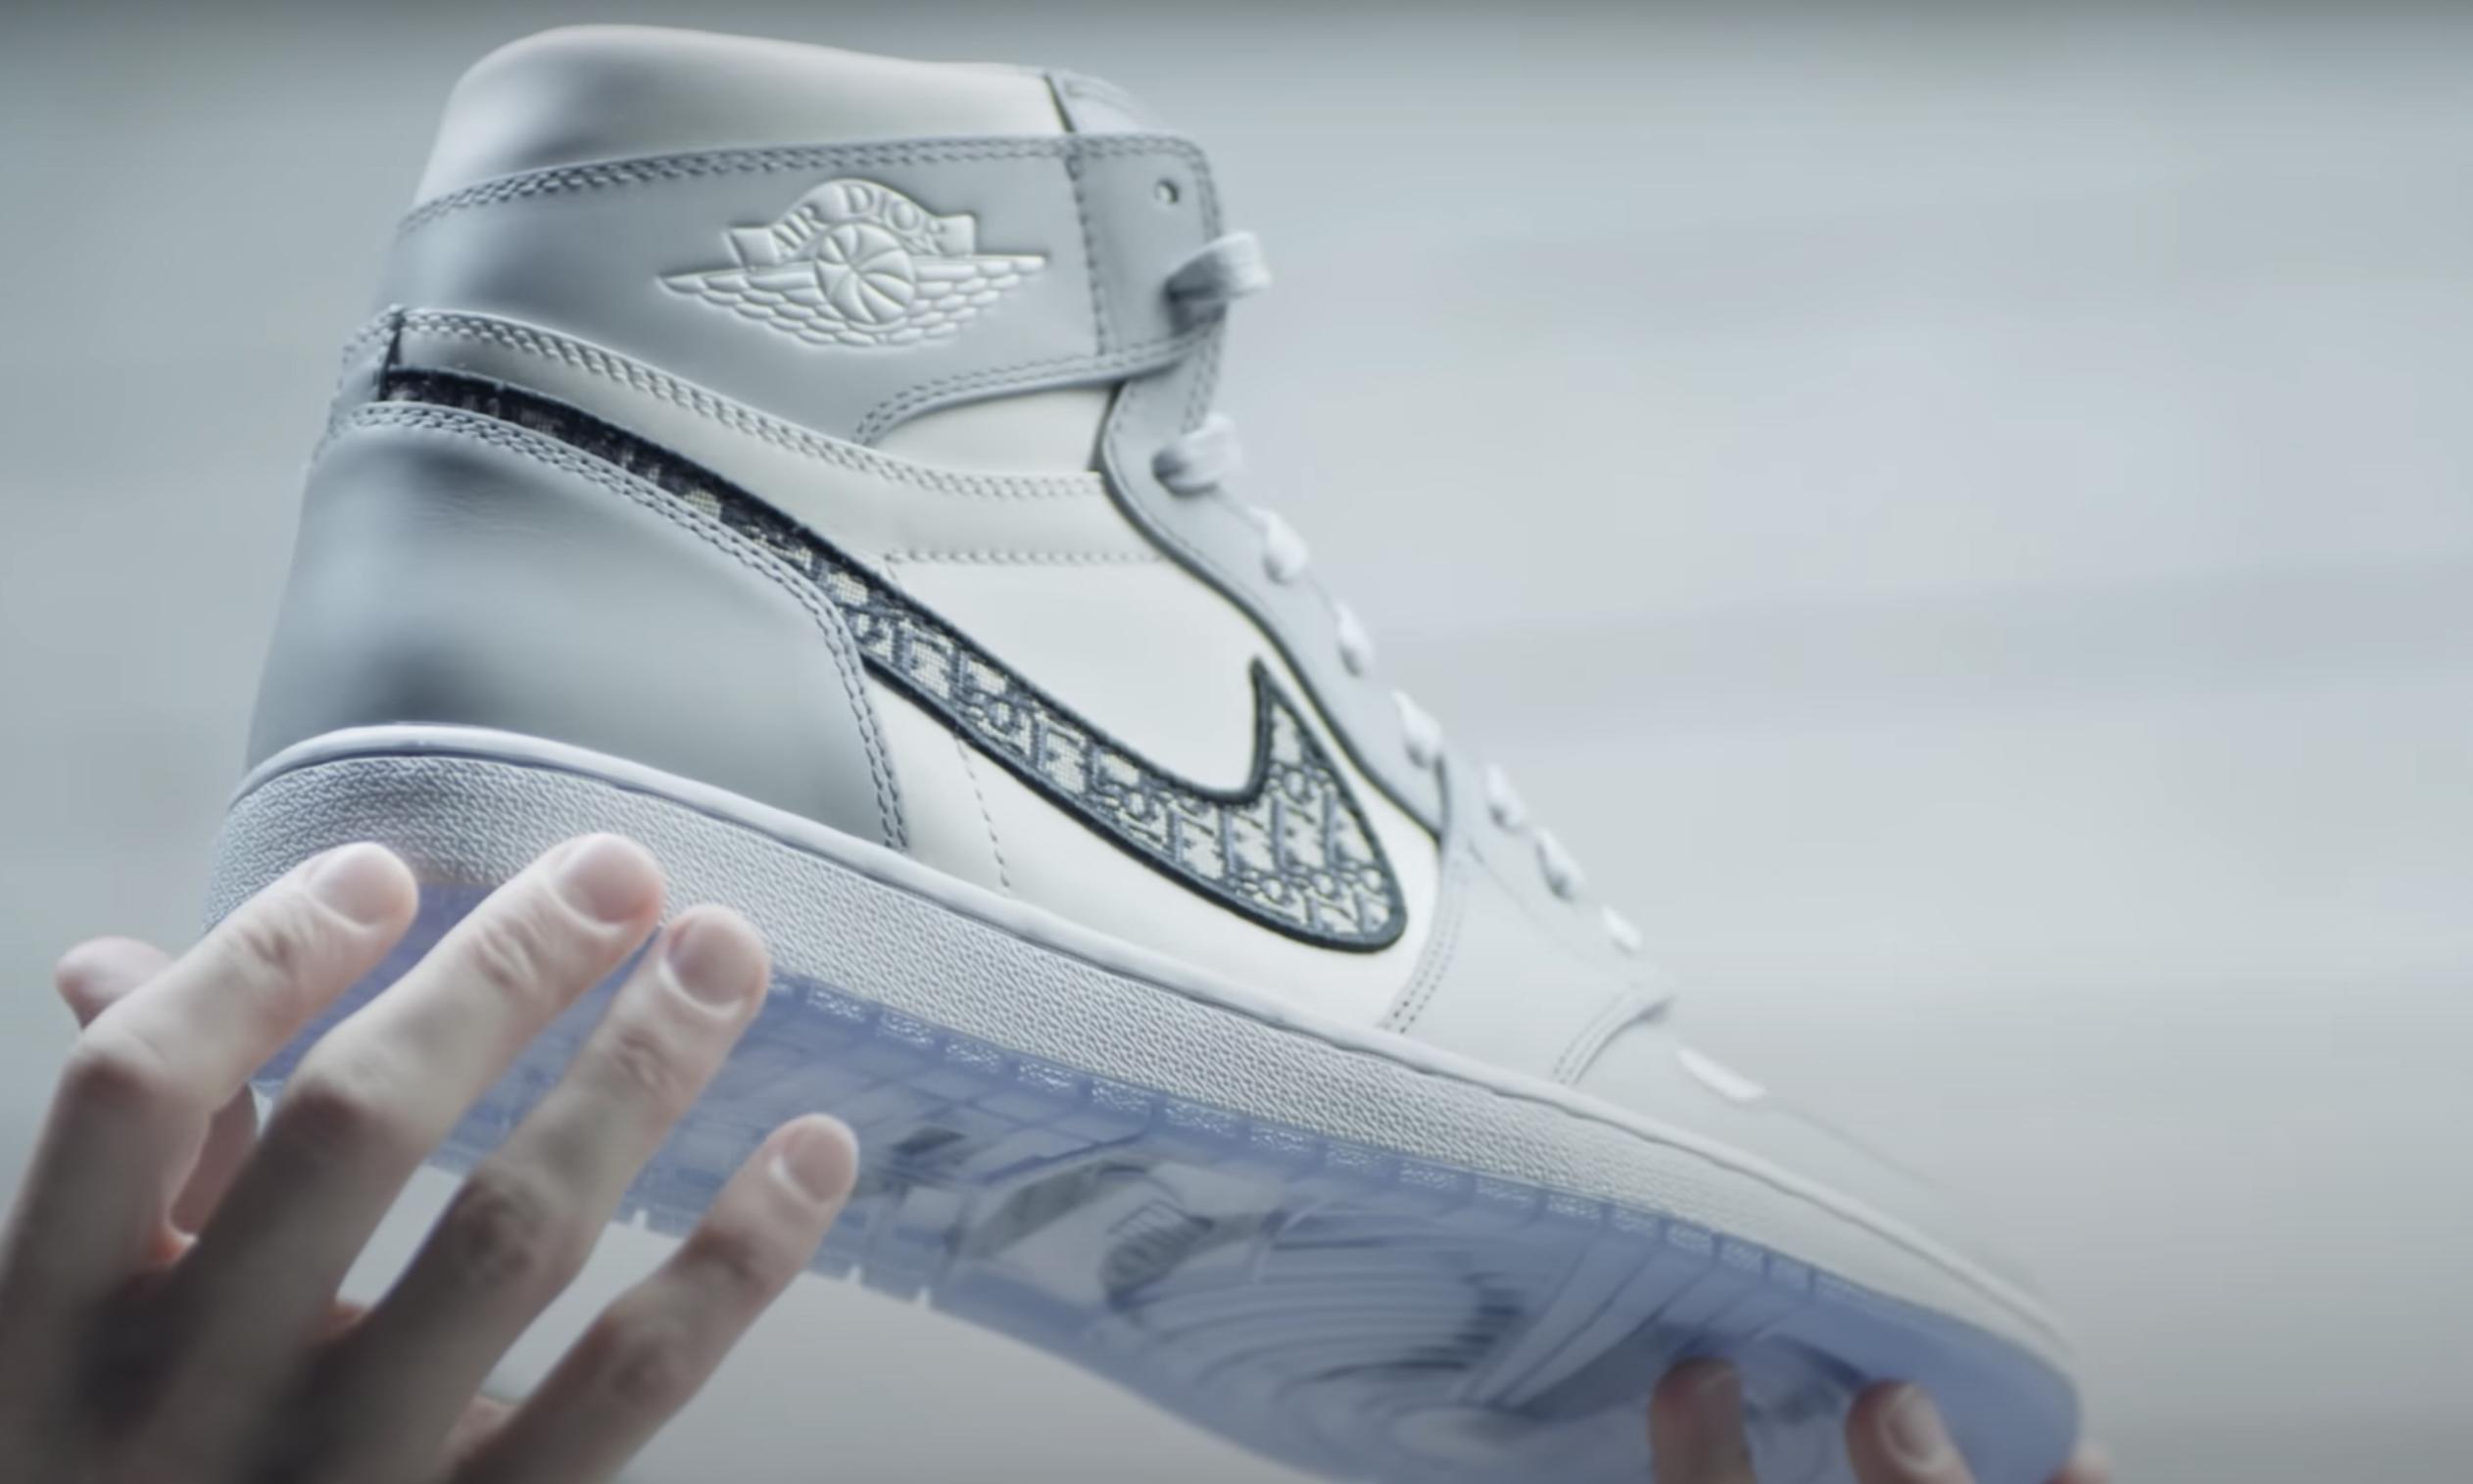 视频全揭秘,Dior x Jordan Brand 背后制作故事